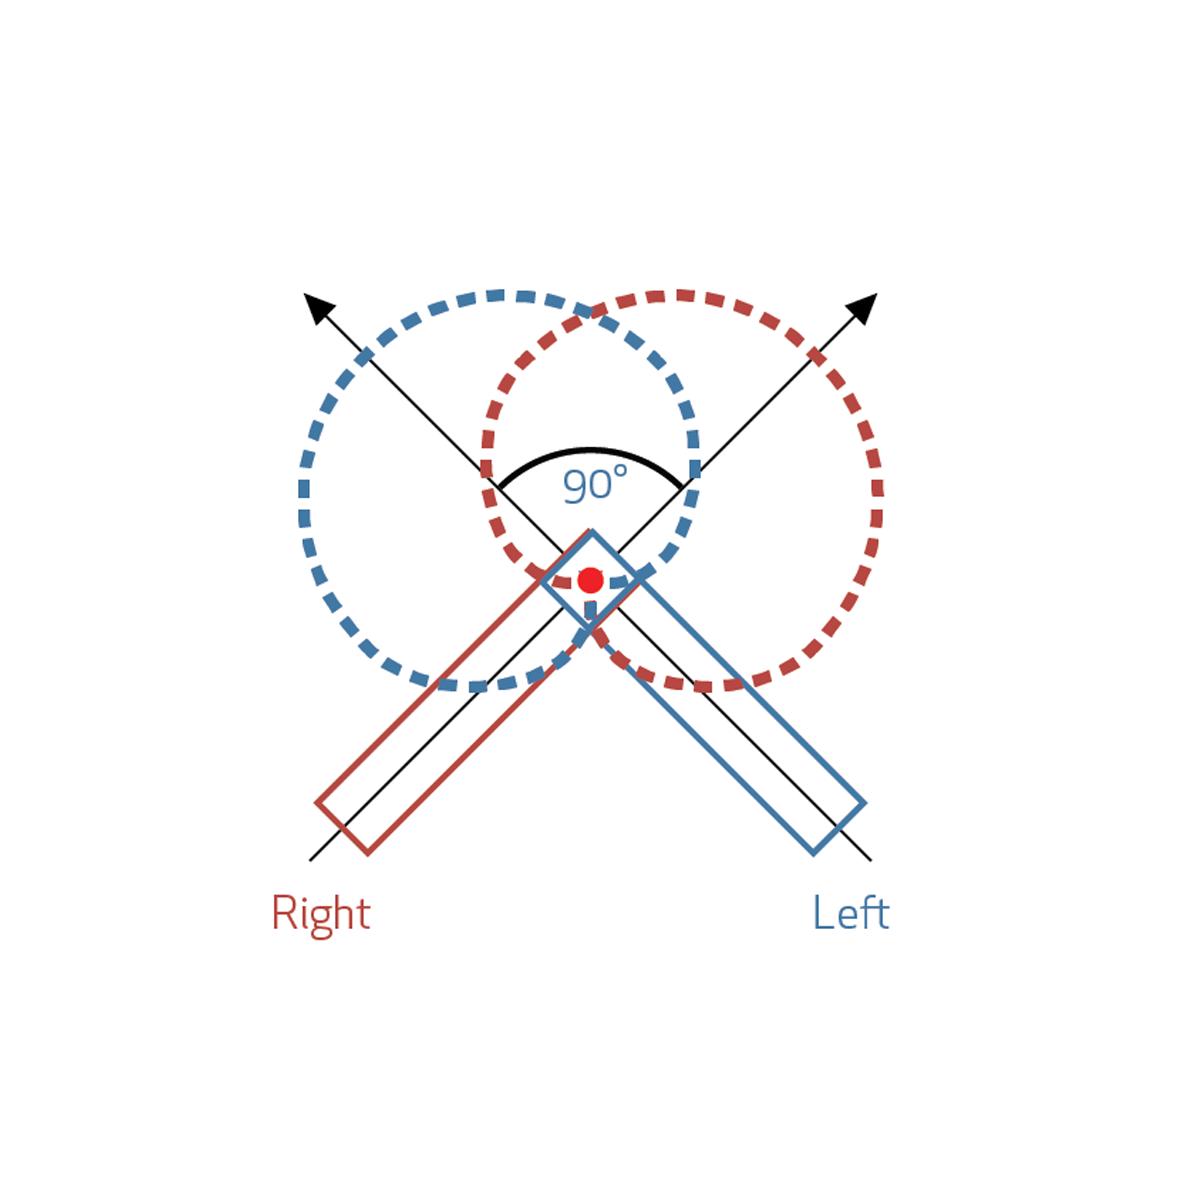 ambience_diagrams_final-05-copy